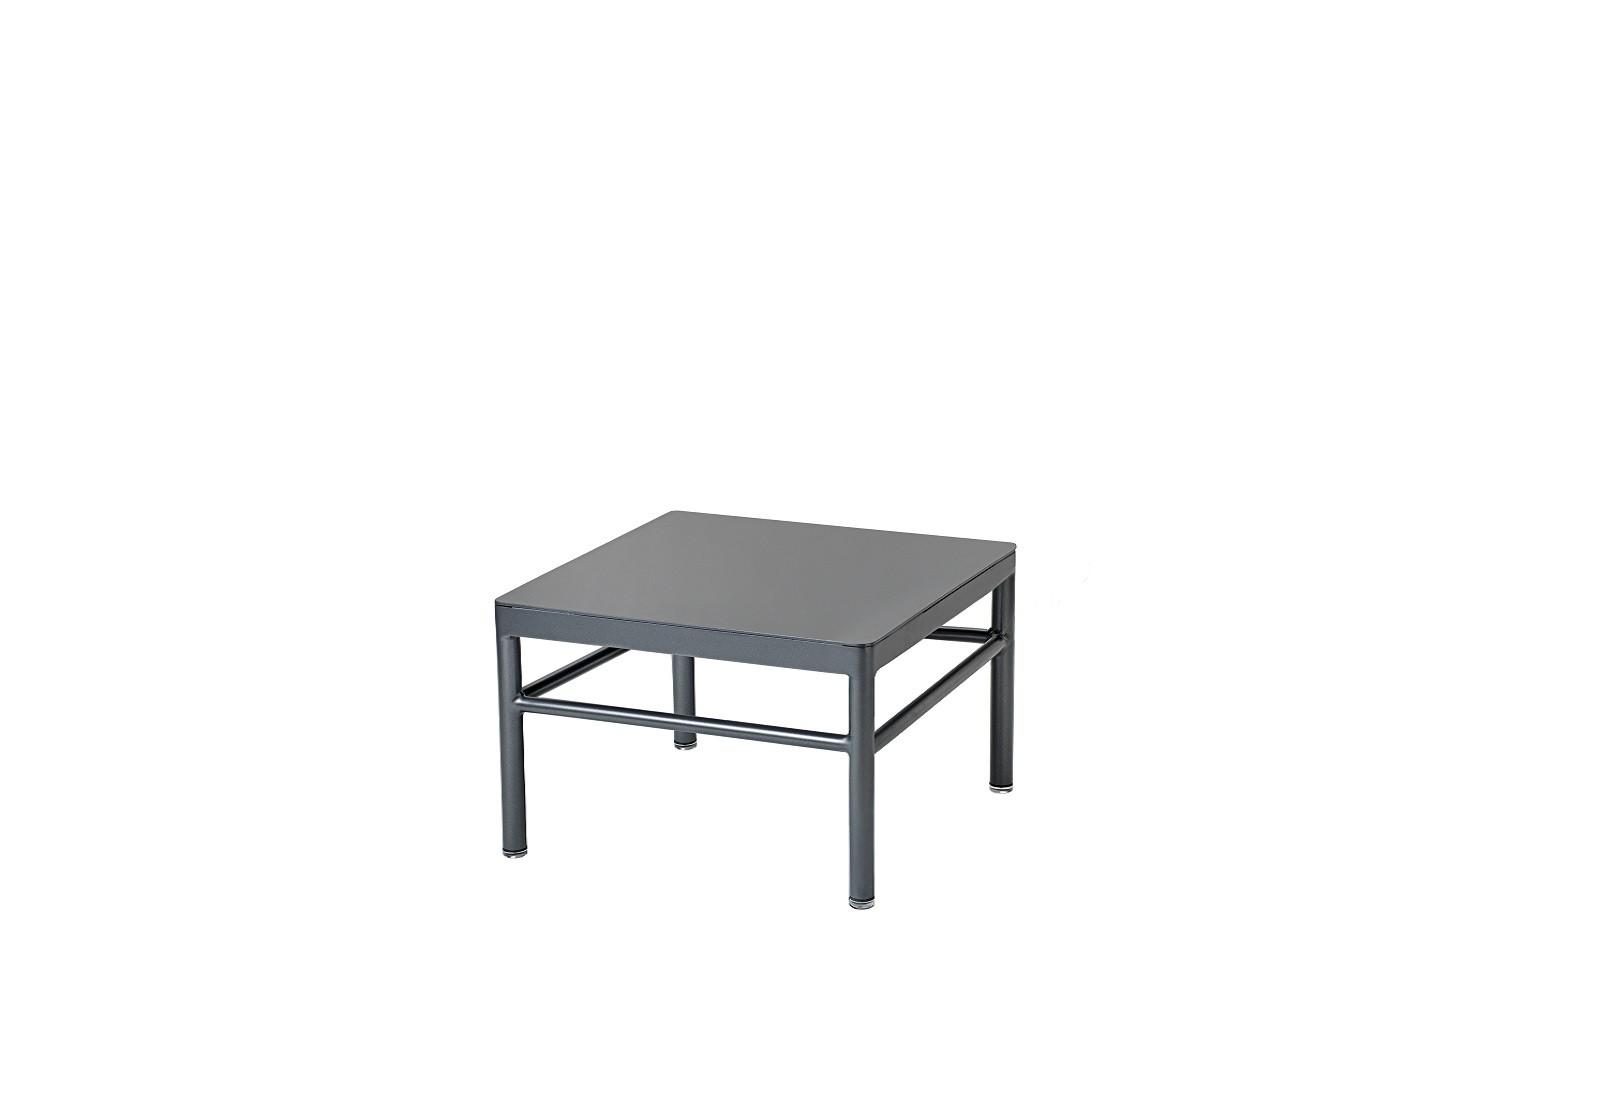 5 X Cm Coloris Basse Rivage 42 Vlaemynck2 De Table Petite QdxhtsCorB